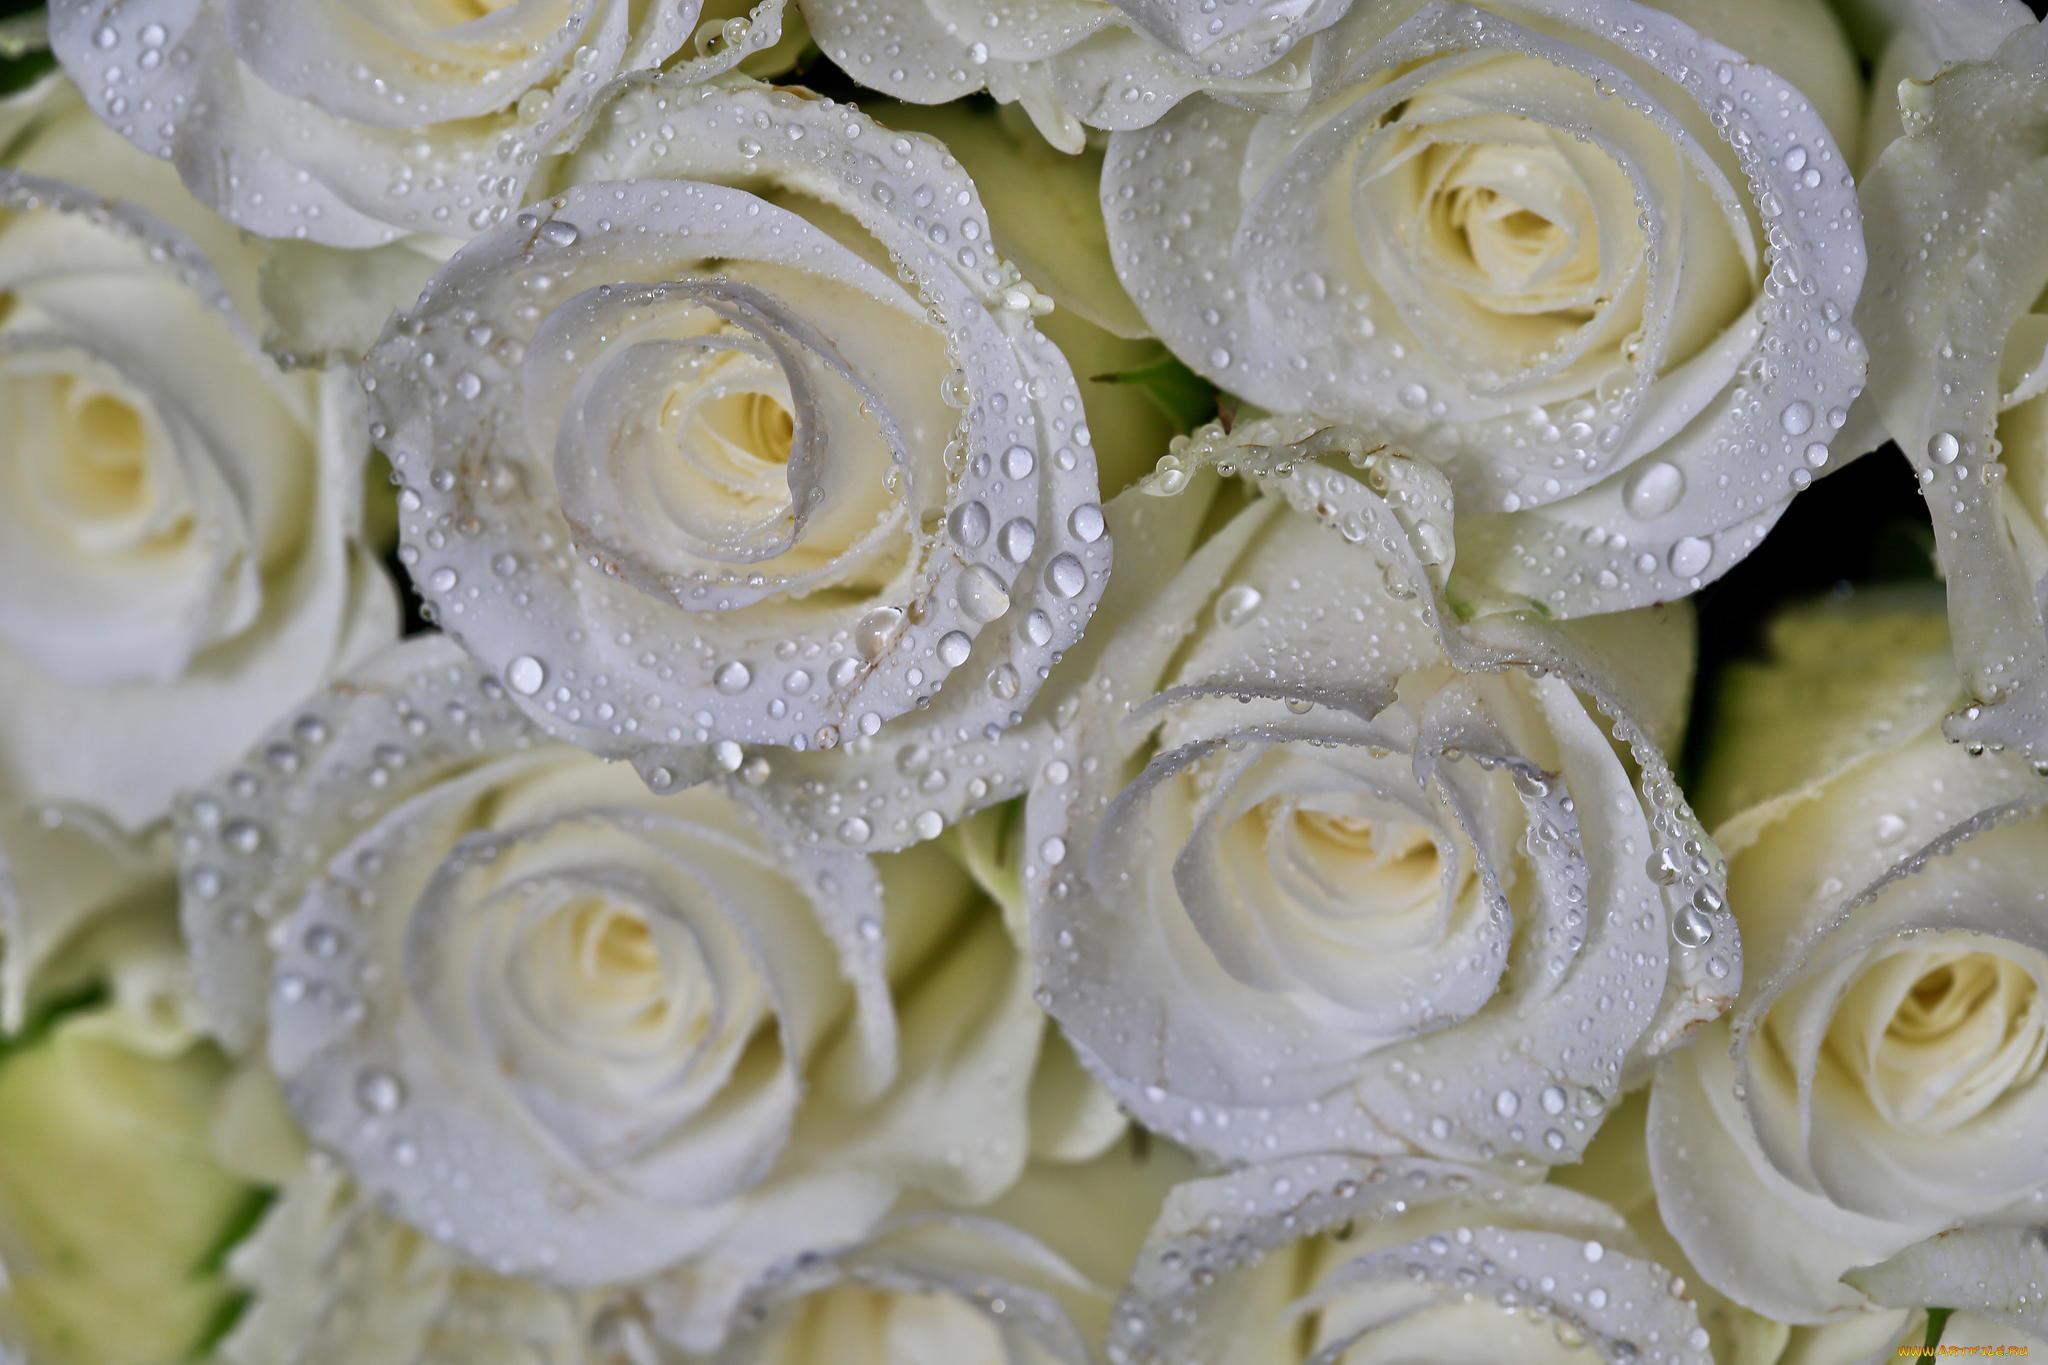 Картинки с цветами белые розы, анимационные картинки